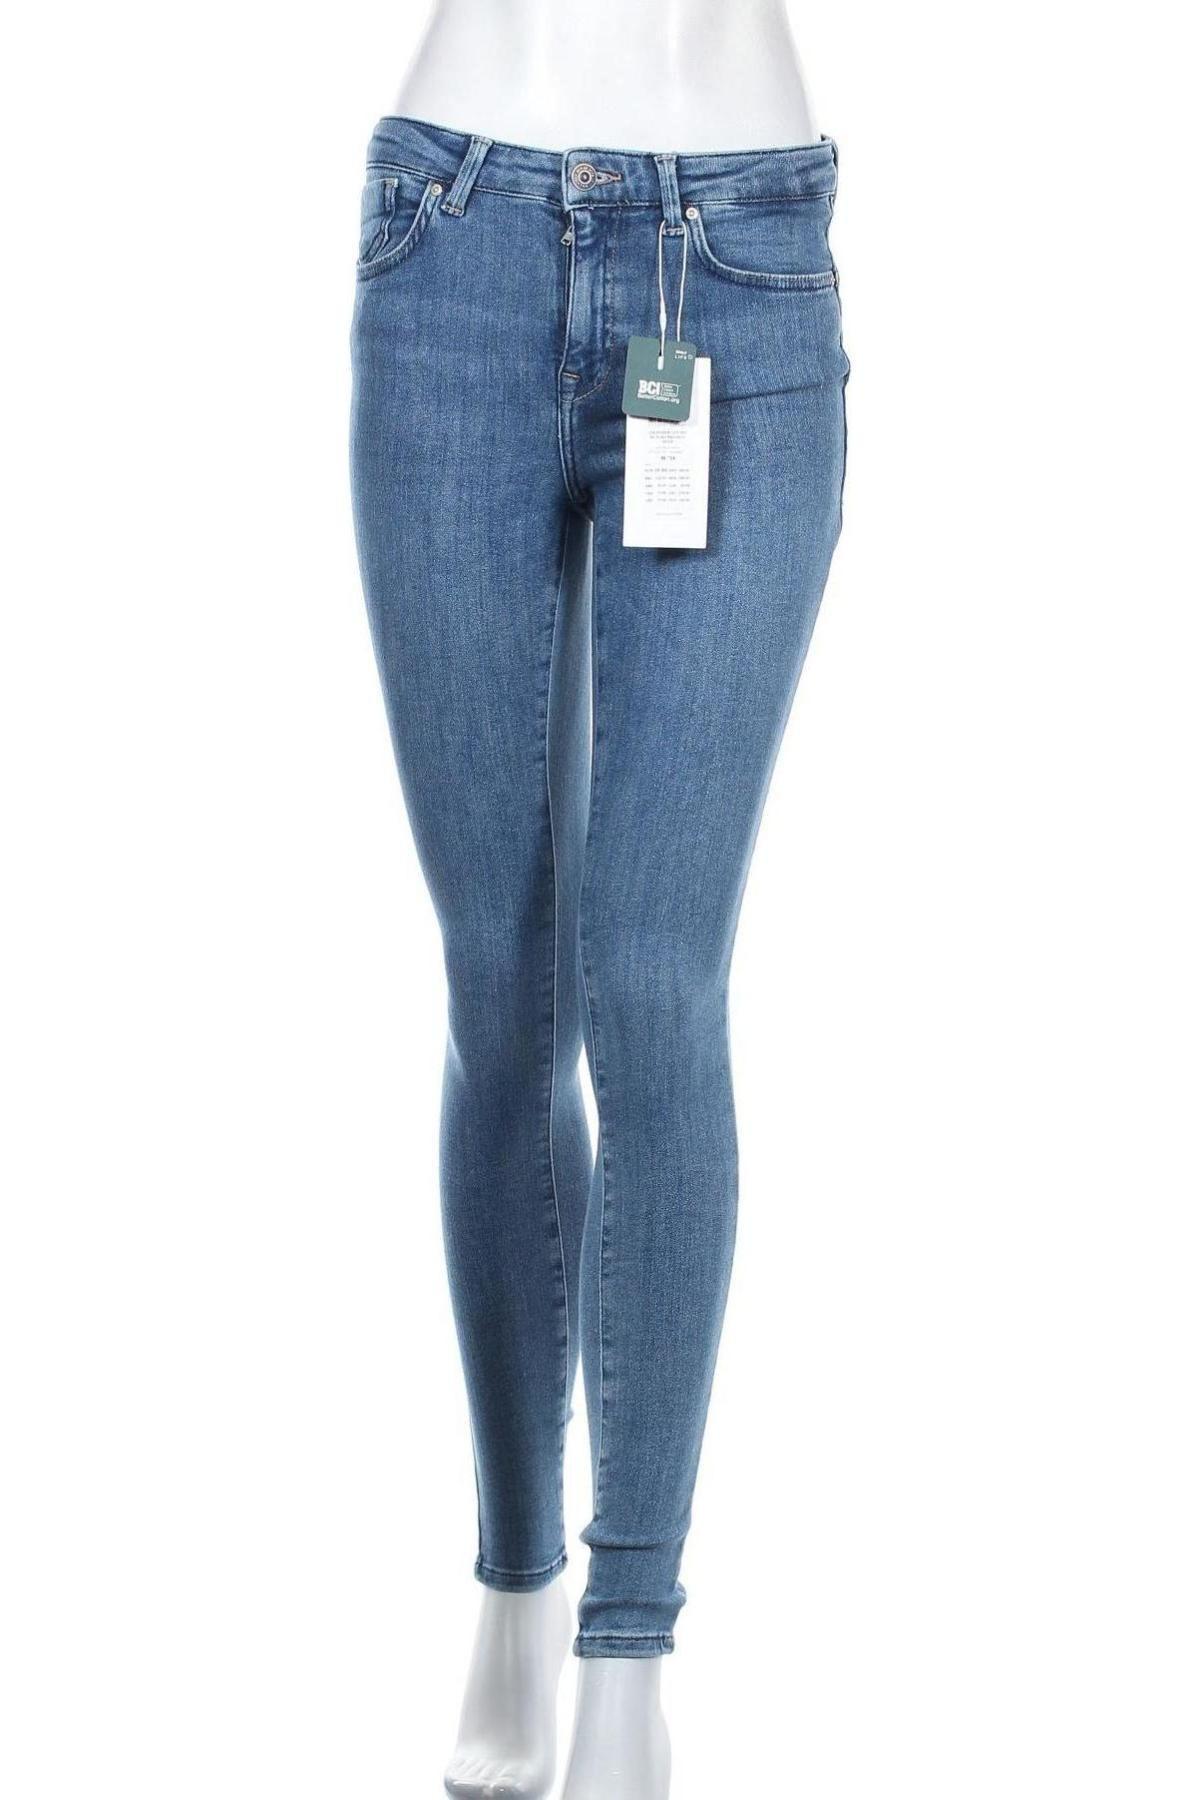 Дамски дънки ONLY, Размер M, Цвят Син, 92% памук, 6% други тъкани, 2% еластан, Цена 25,37лв.